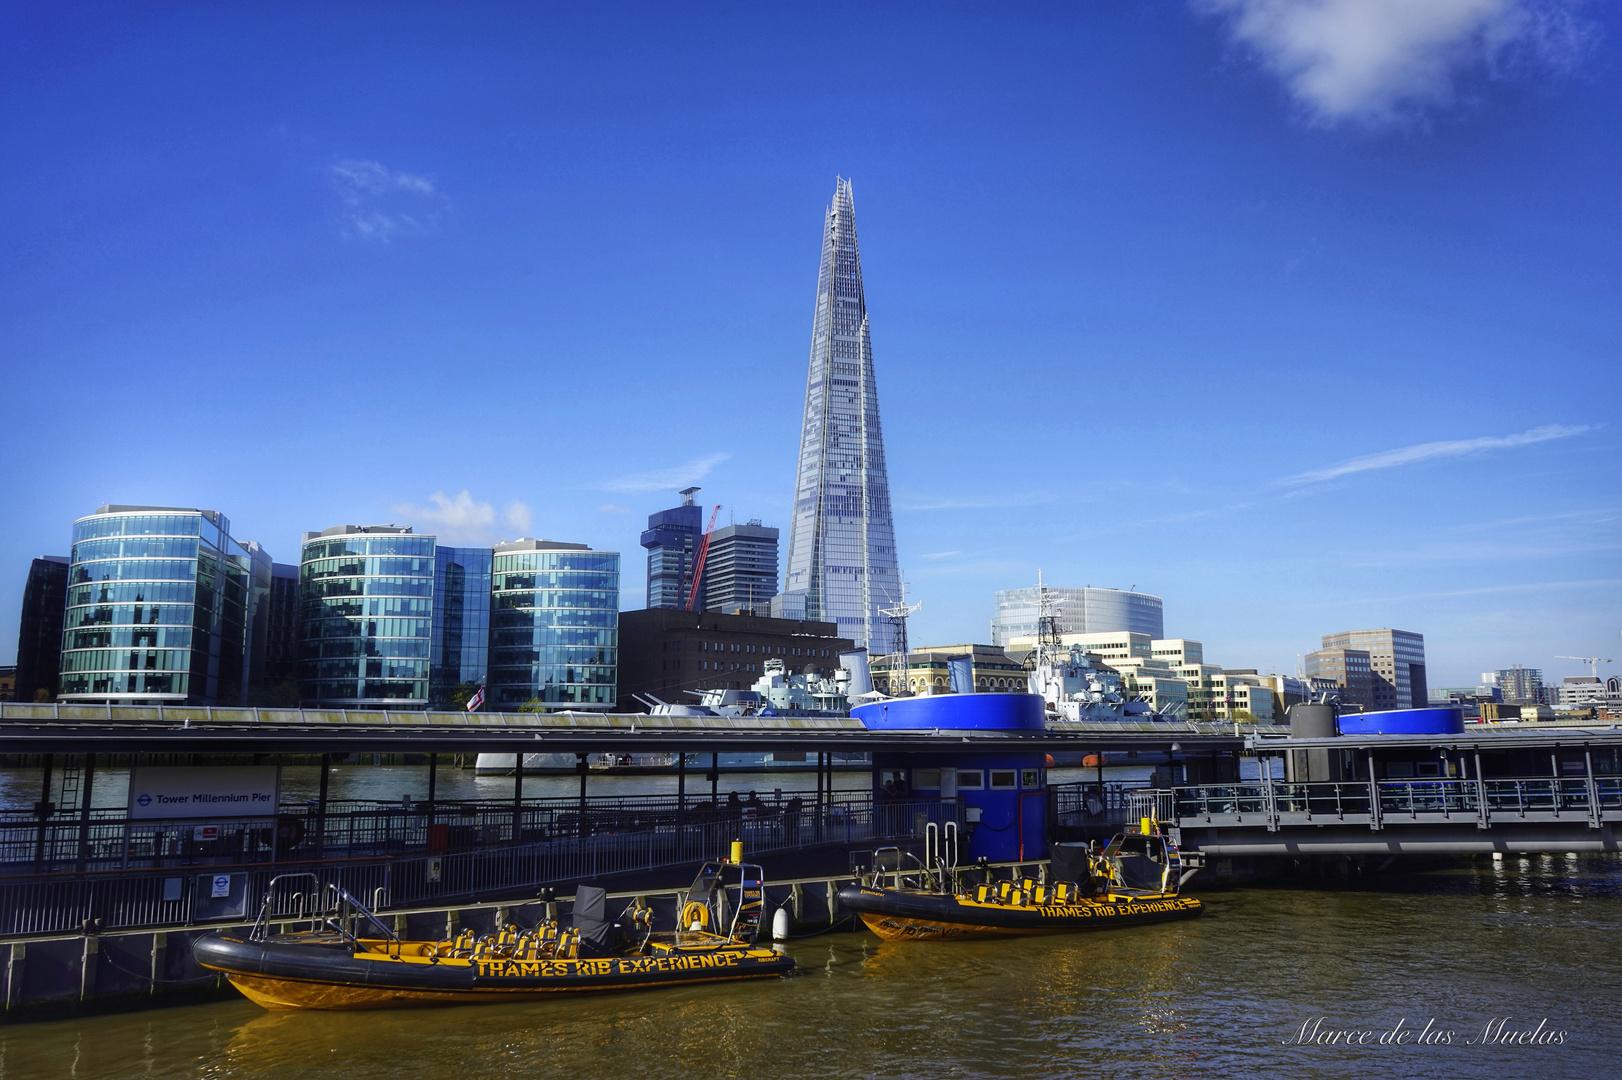 Londres  Tamesis